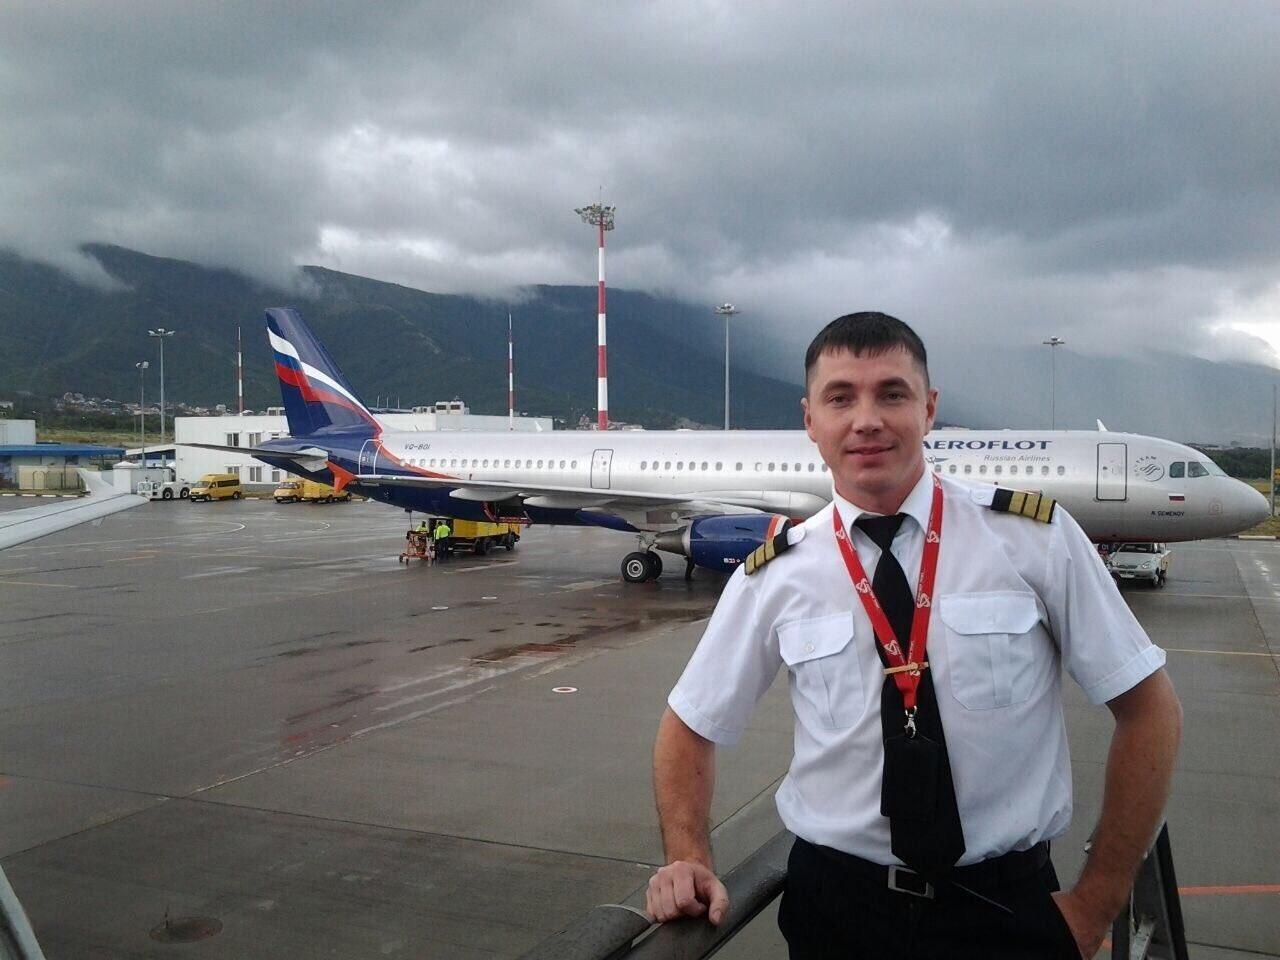 помощью фото пилотов которые спасли самолет и пассажиров нет излишкам талии